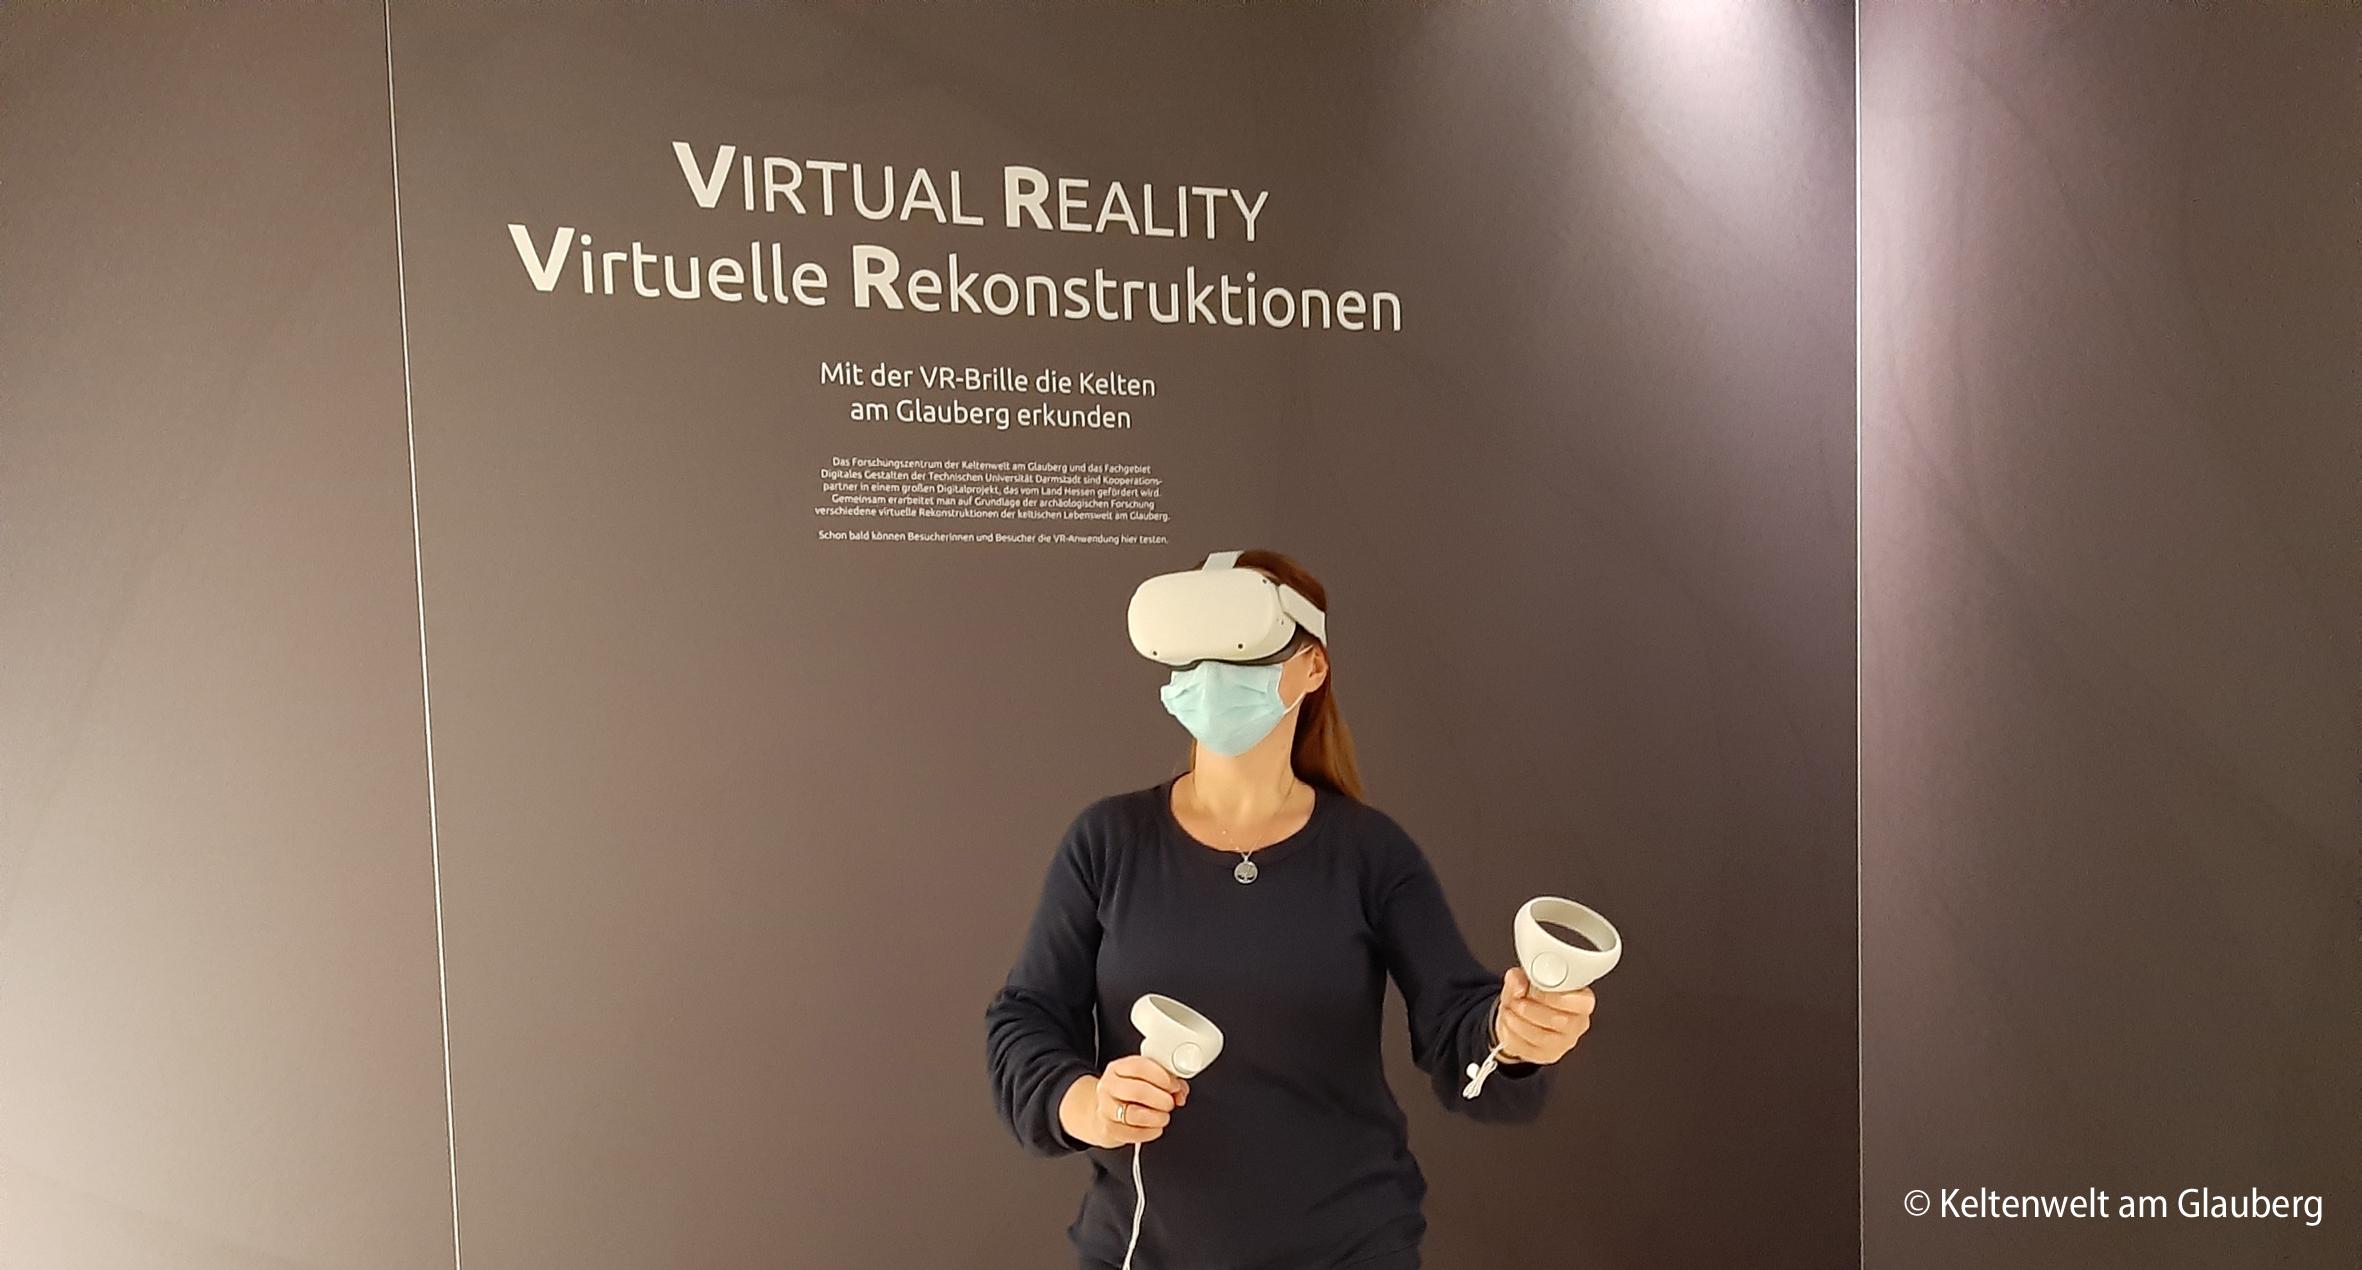 Virtuelle Realität am Glauberg